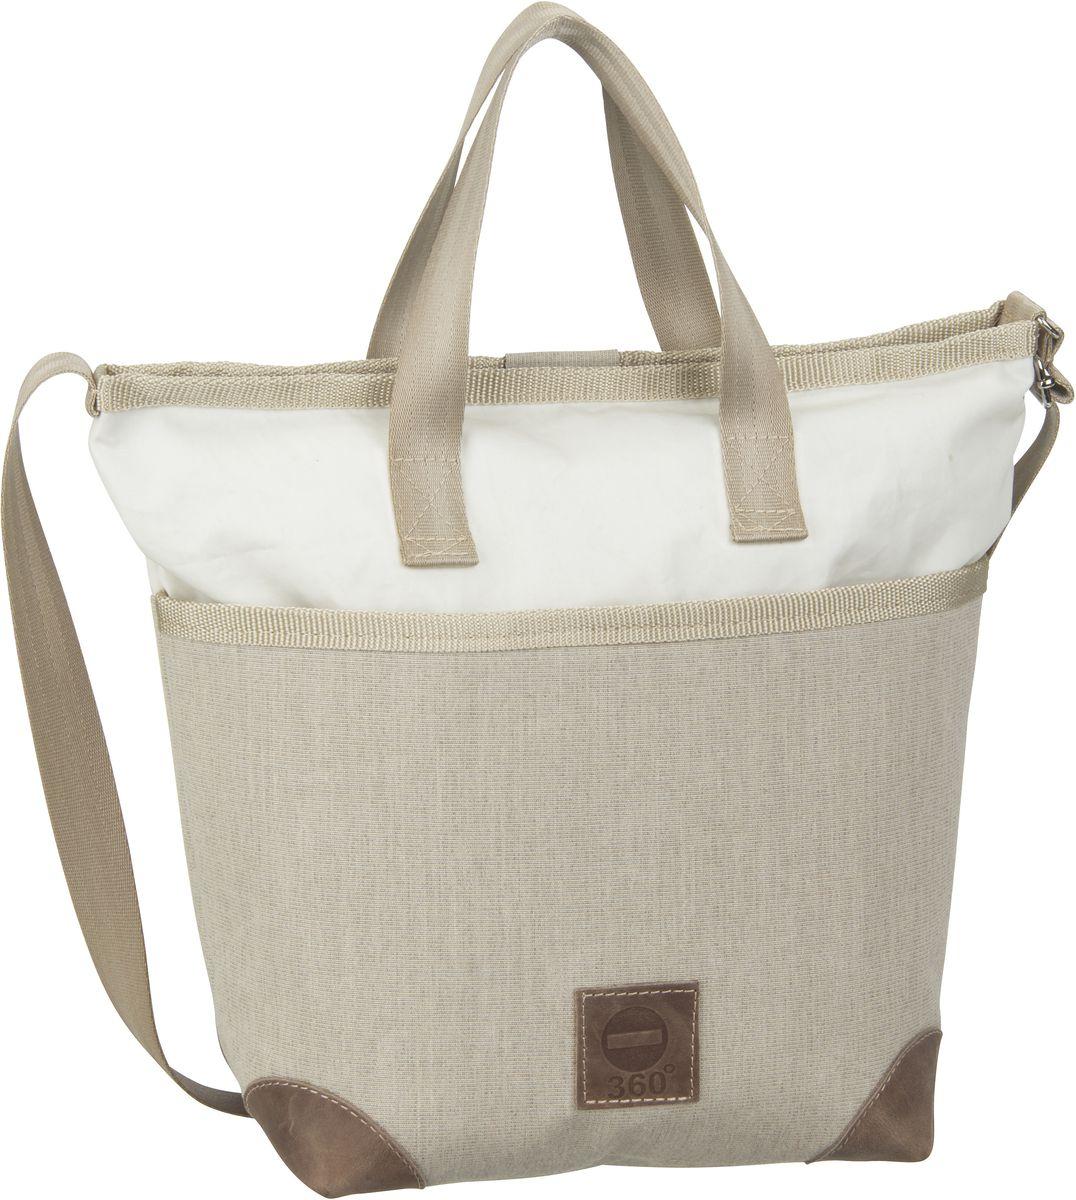 Handtasche Deern Mini Persenning Beige/Weiß